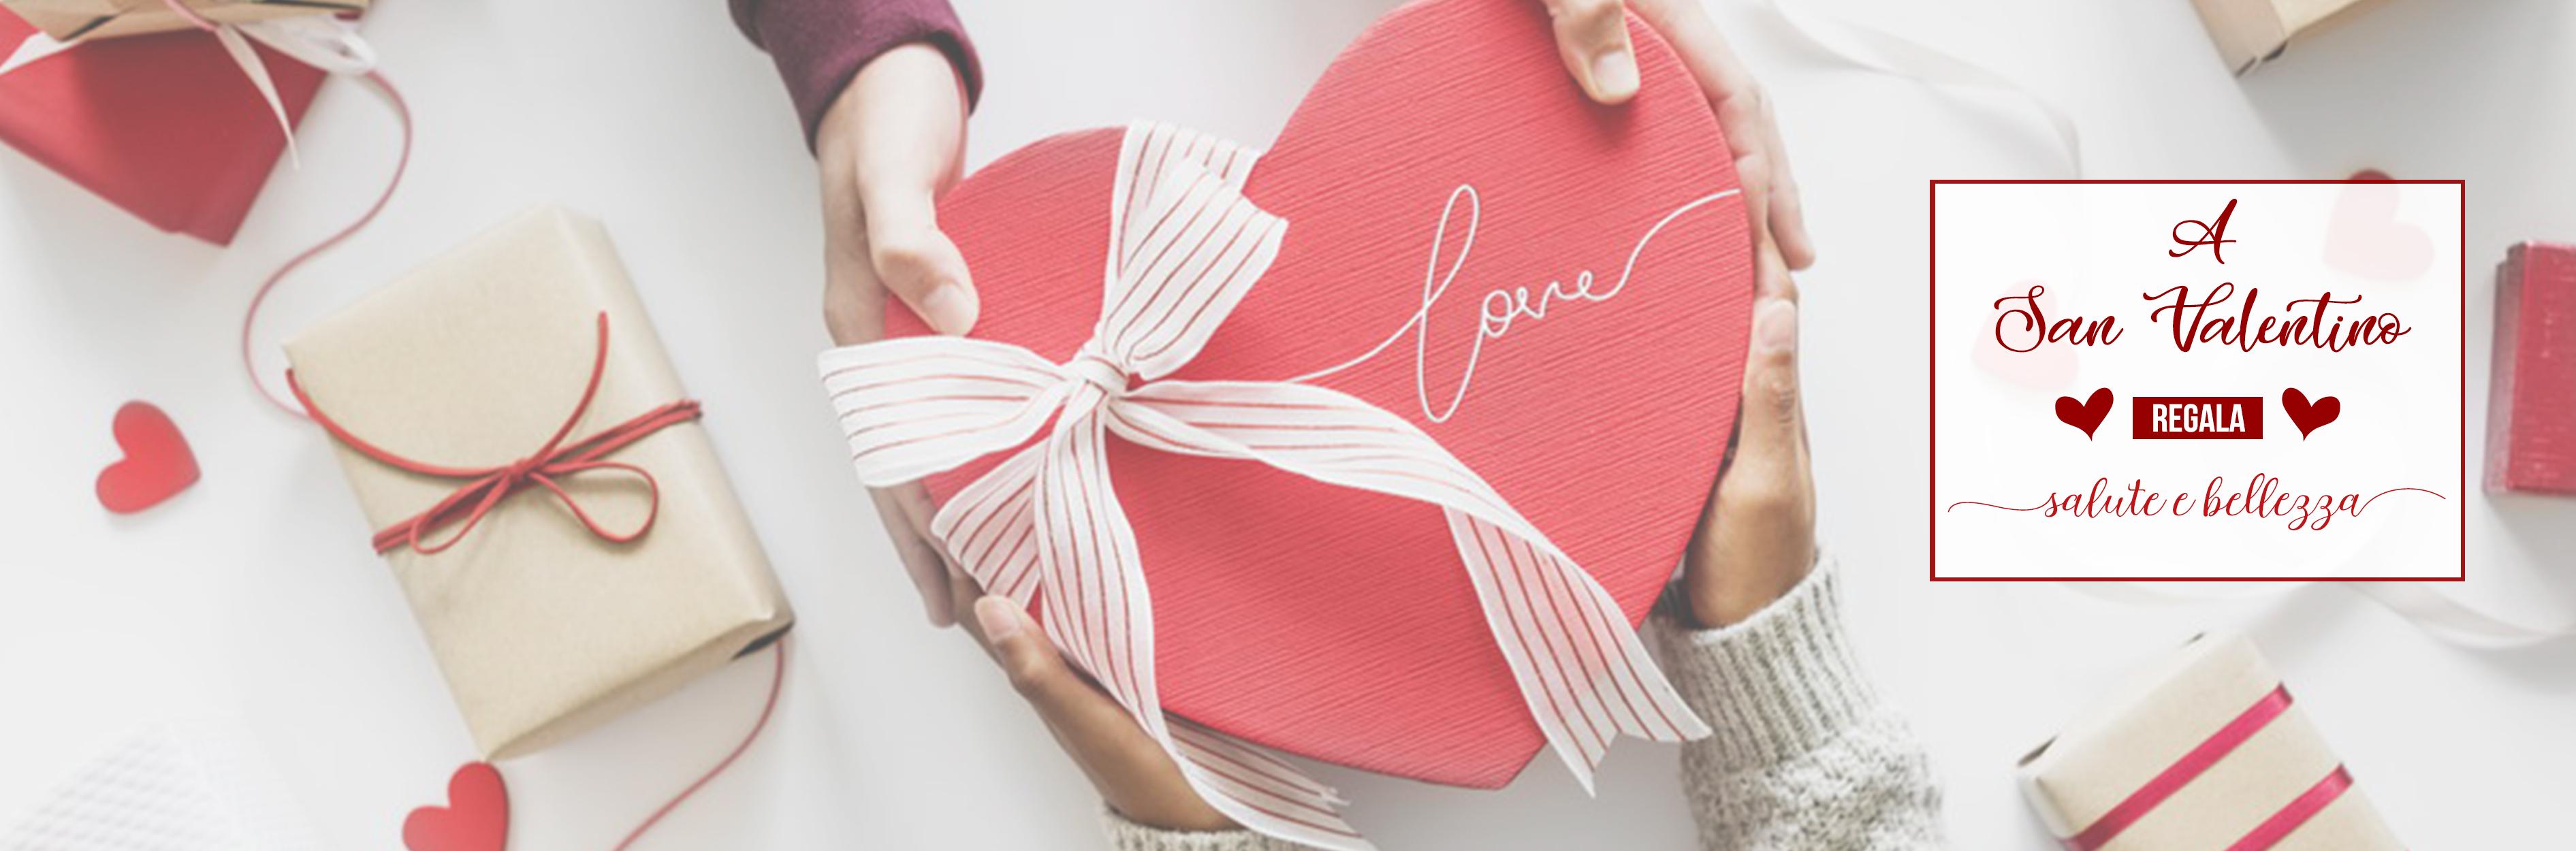 San Valentino - Regala Salute e Bellezza